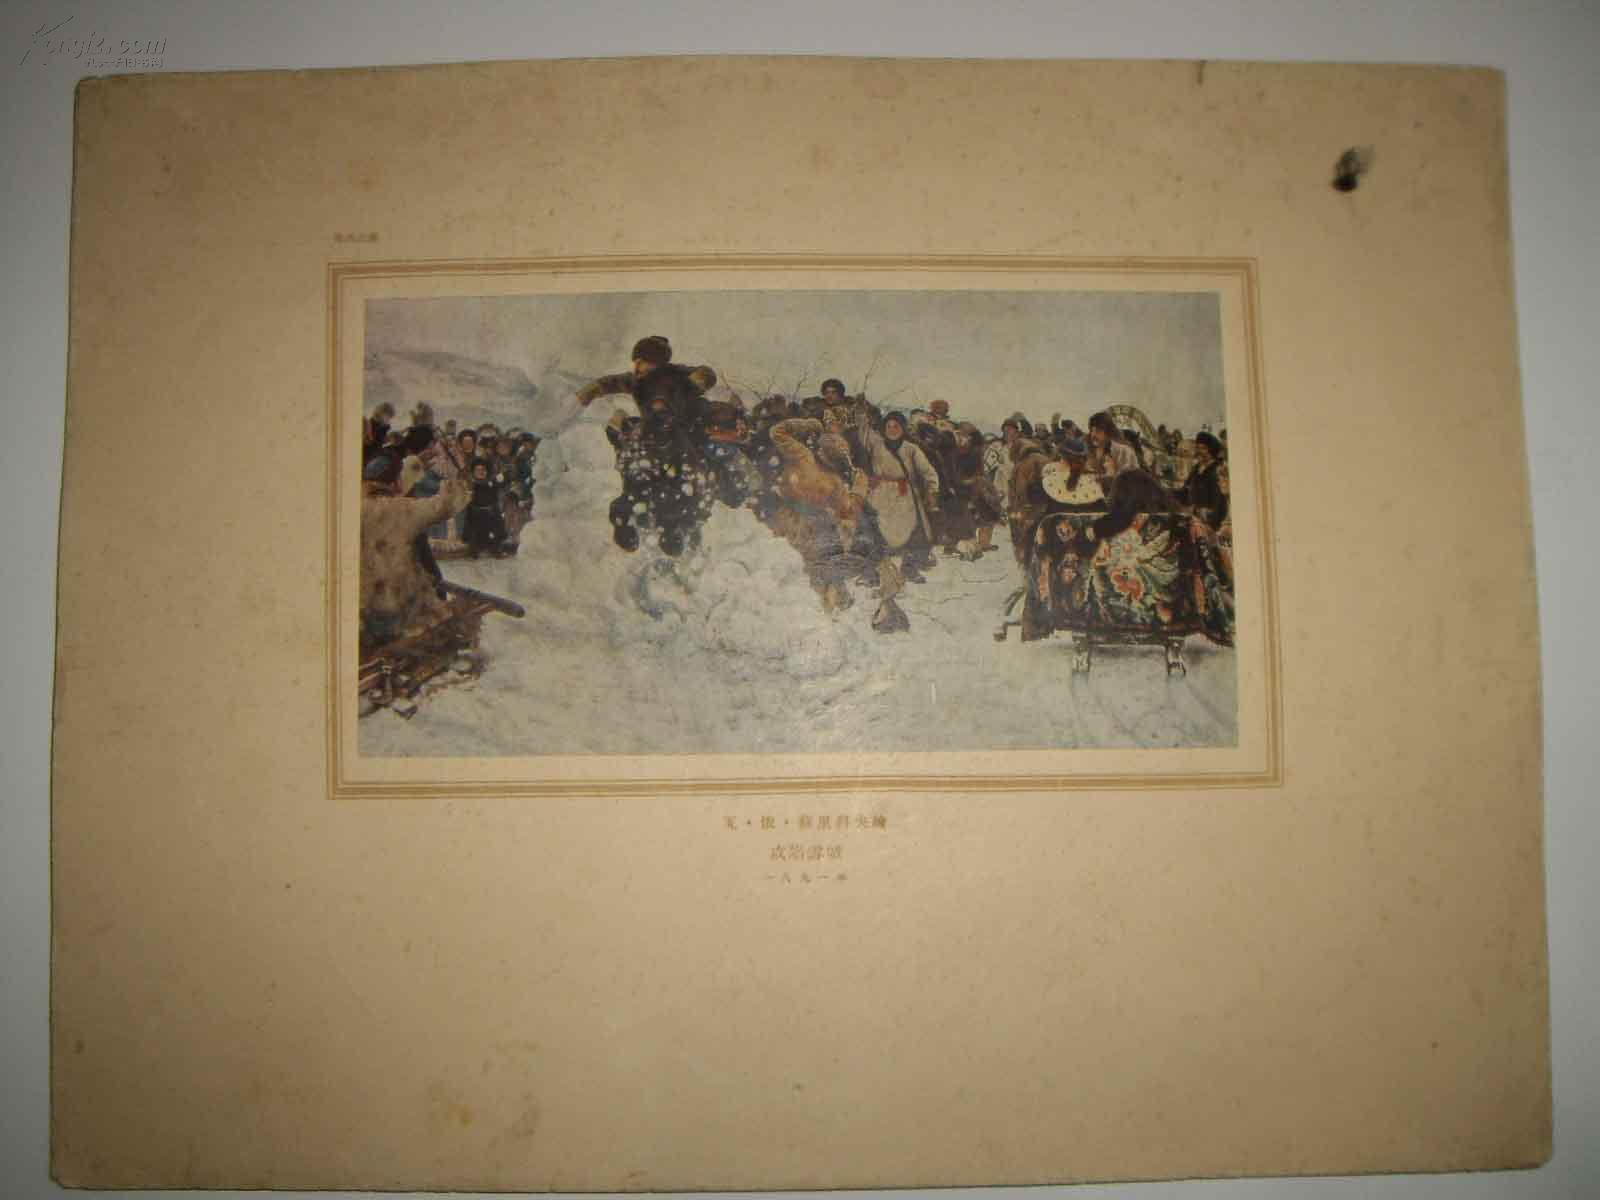 俄罗斯博物馆藏画 活页粘贴16